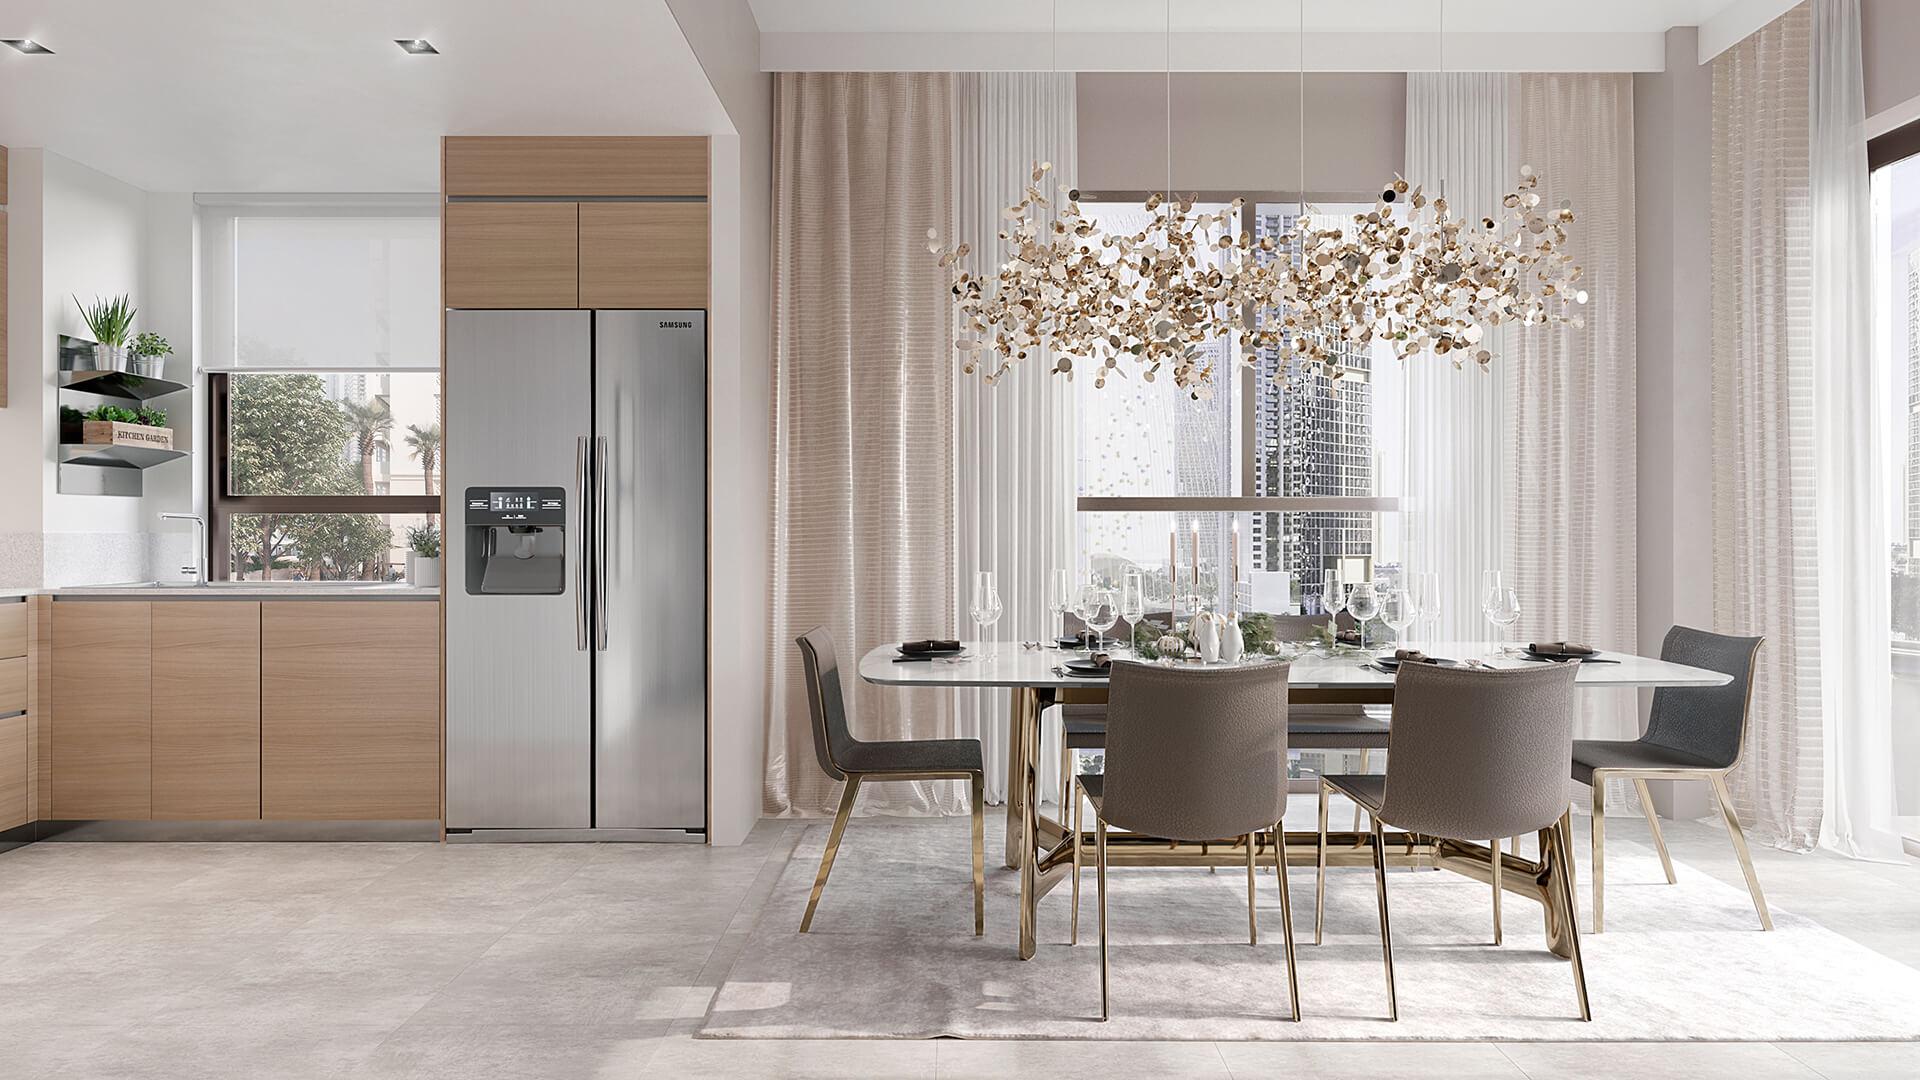 Apartamento en venta en Dubai, EAU, 3 dormitorios, 138 m2, № 24564 – foto 1